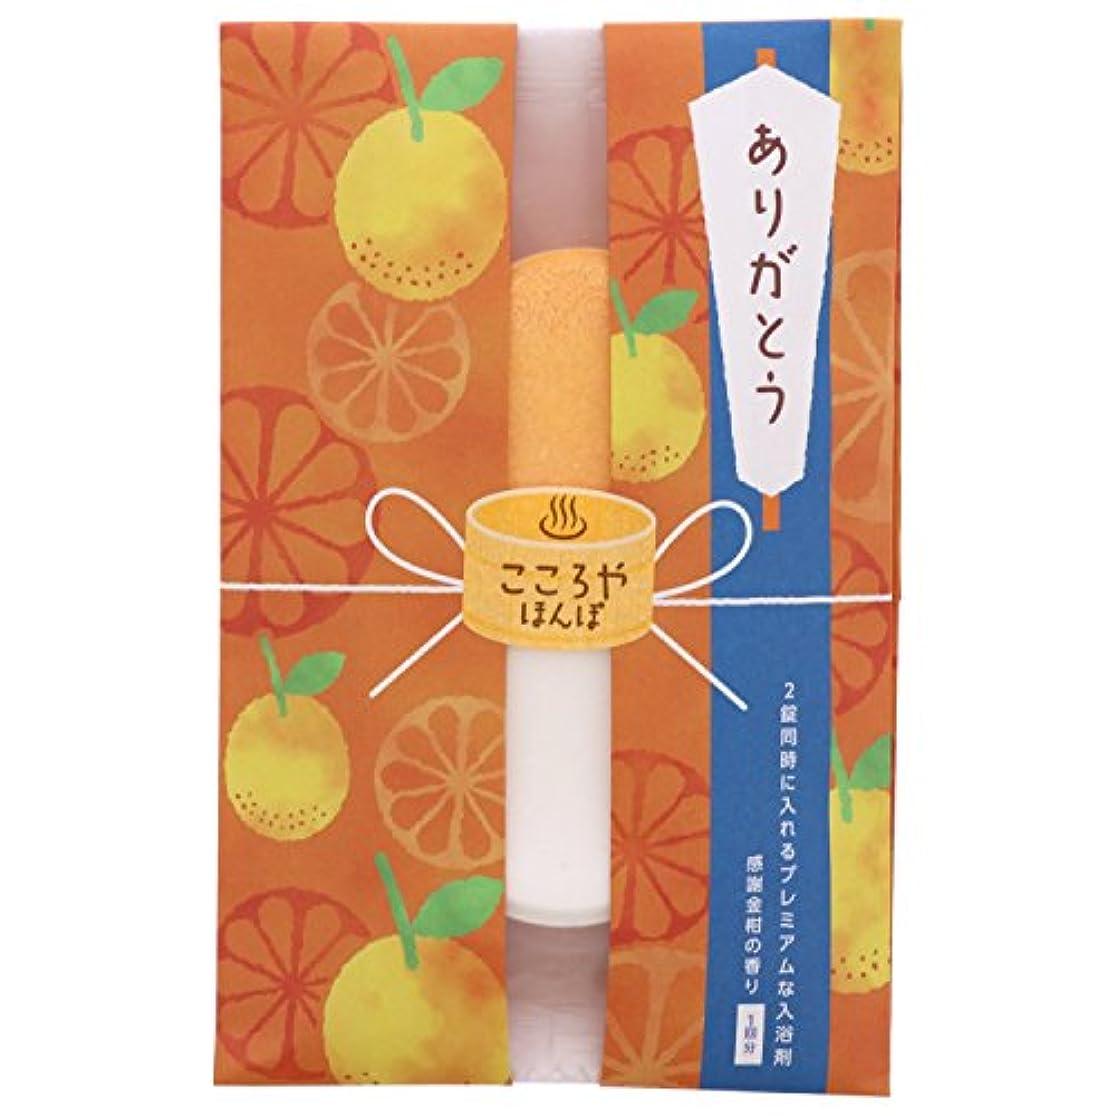 報奨金敬礼用心深いこころやほんぽ カジュアルギフト 入浴剤 ありがとう 金柑の香り 50g